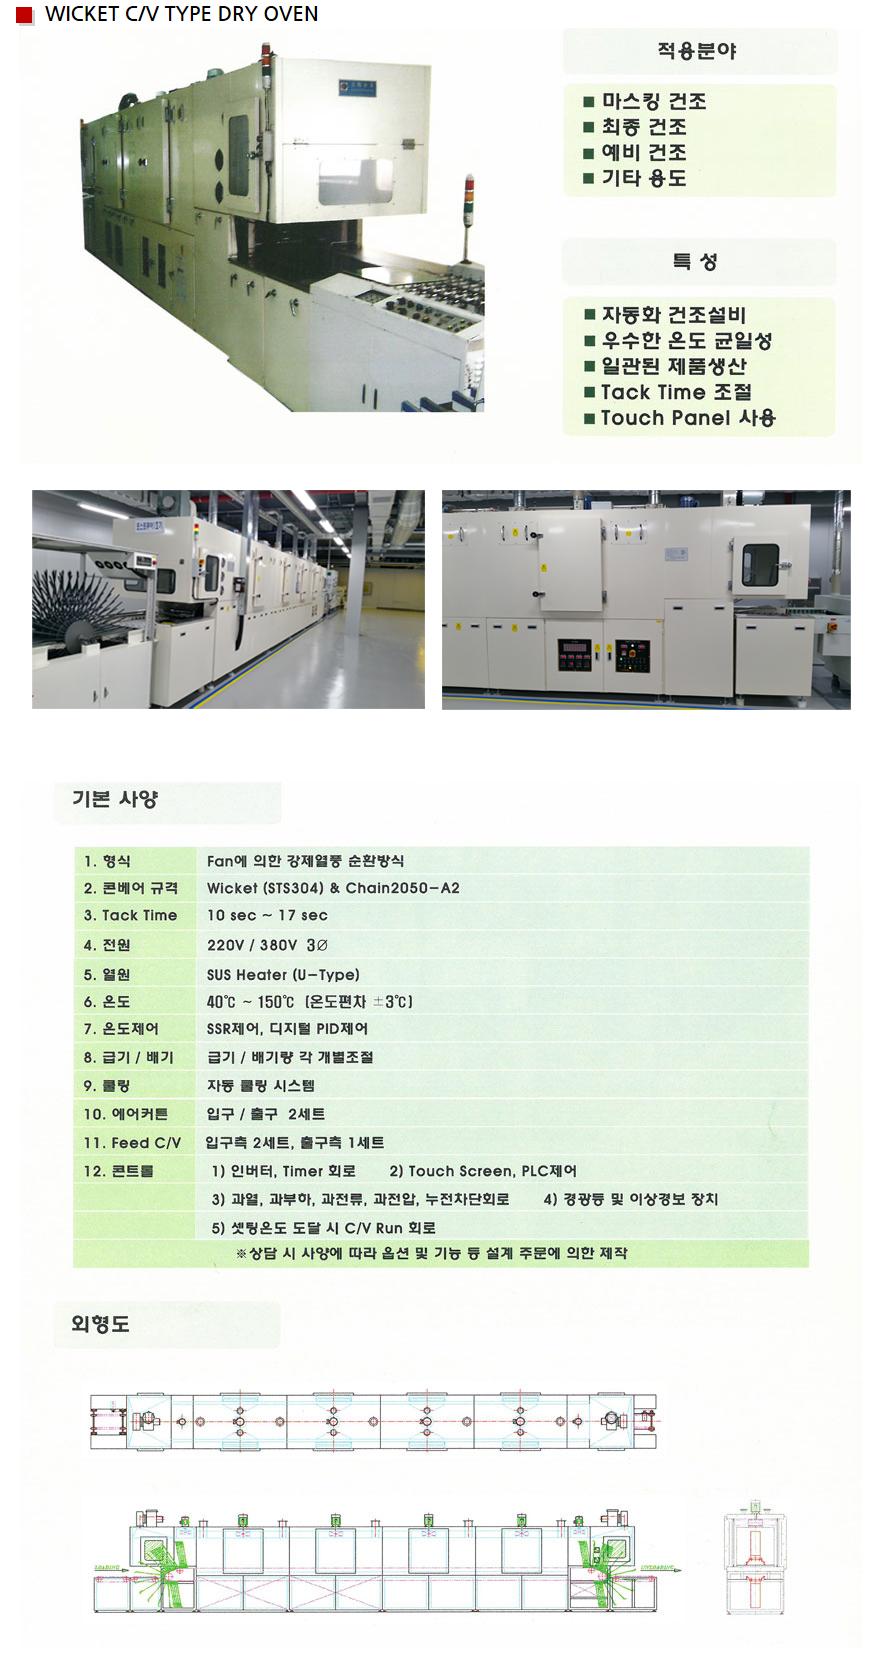 태양기업 Wicket C/V Type Dry Oven